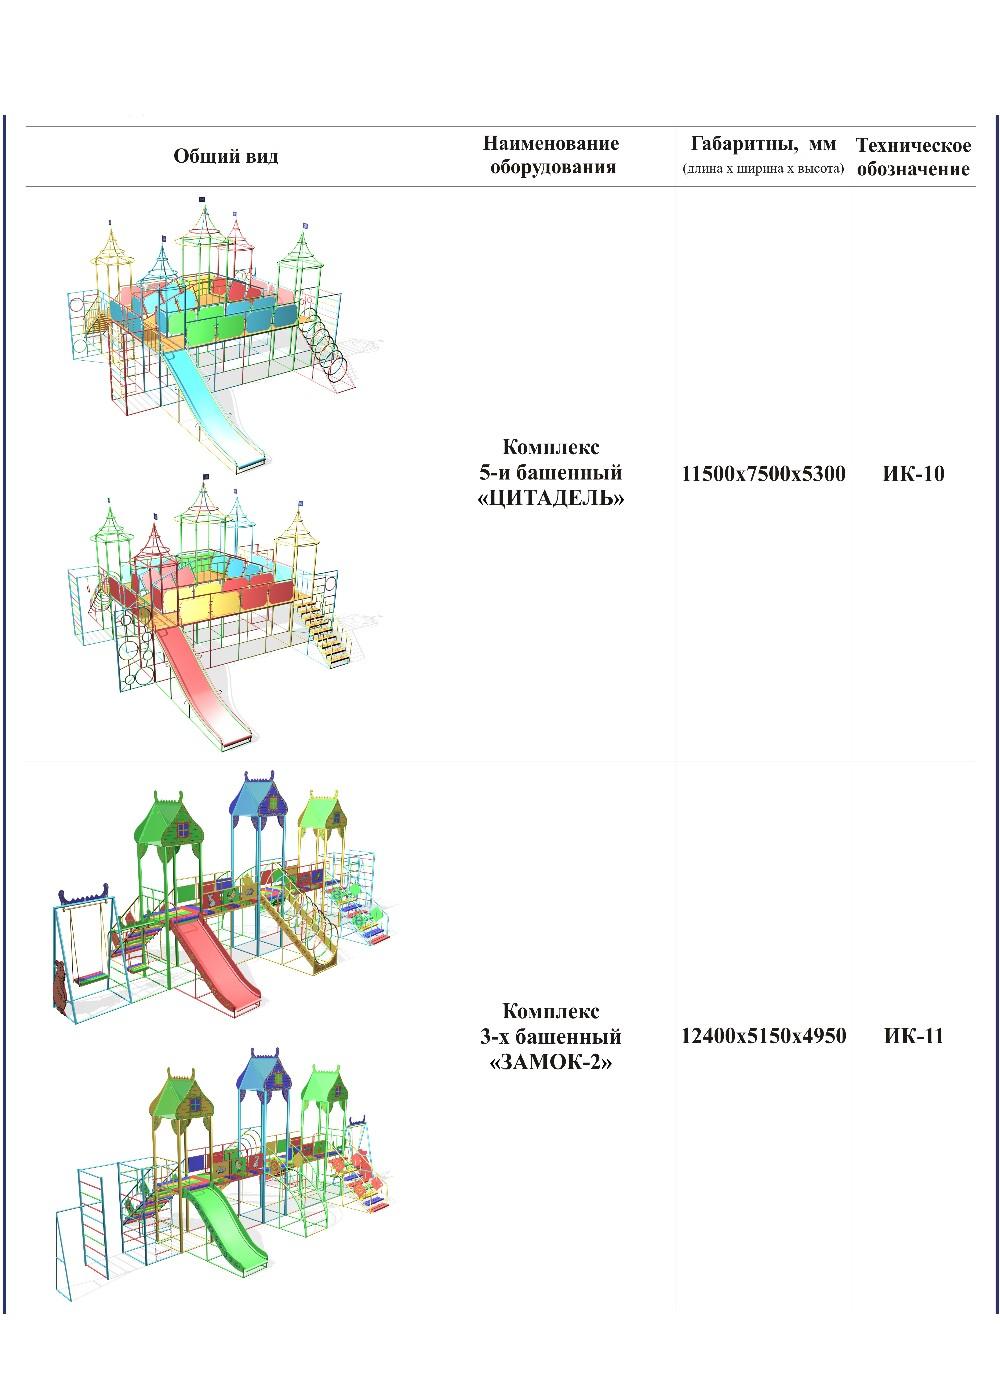 Дизайн трубы отопления